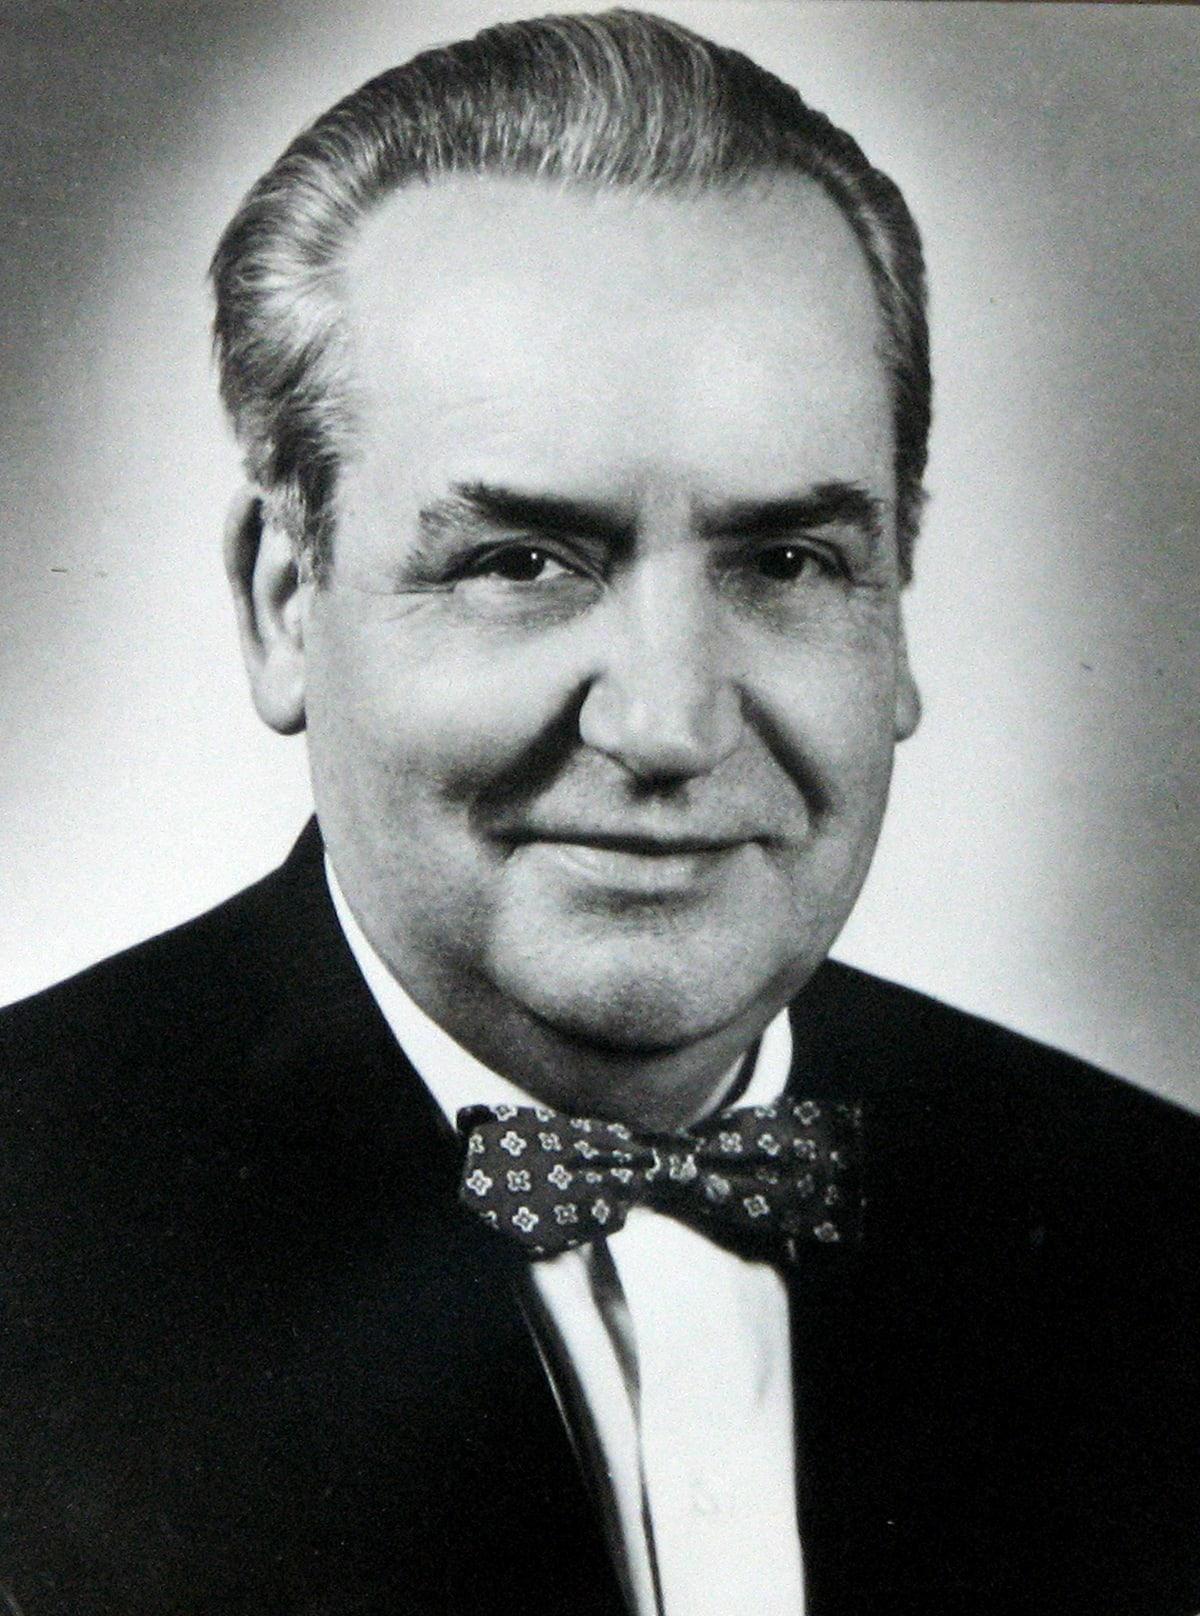 Mayor J. Adalbert Paris